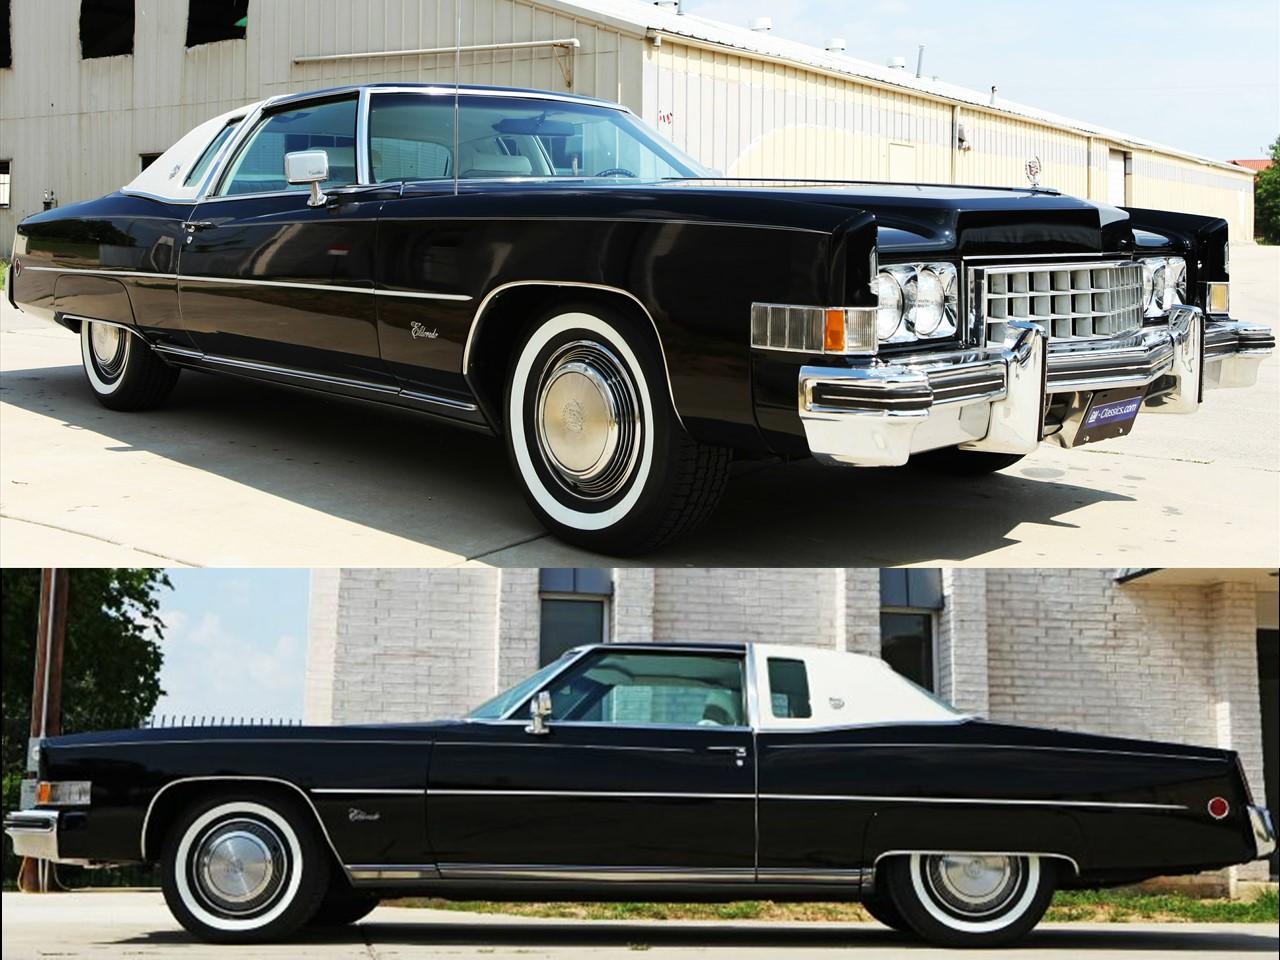 1973 Cadillac Eldorado Custom Cabriolet | NotoriousLuxury